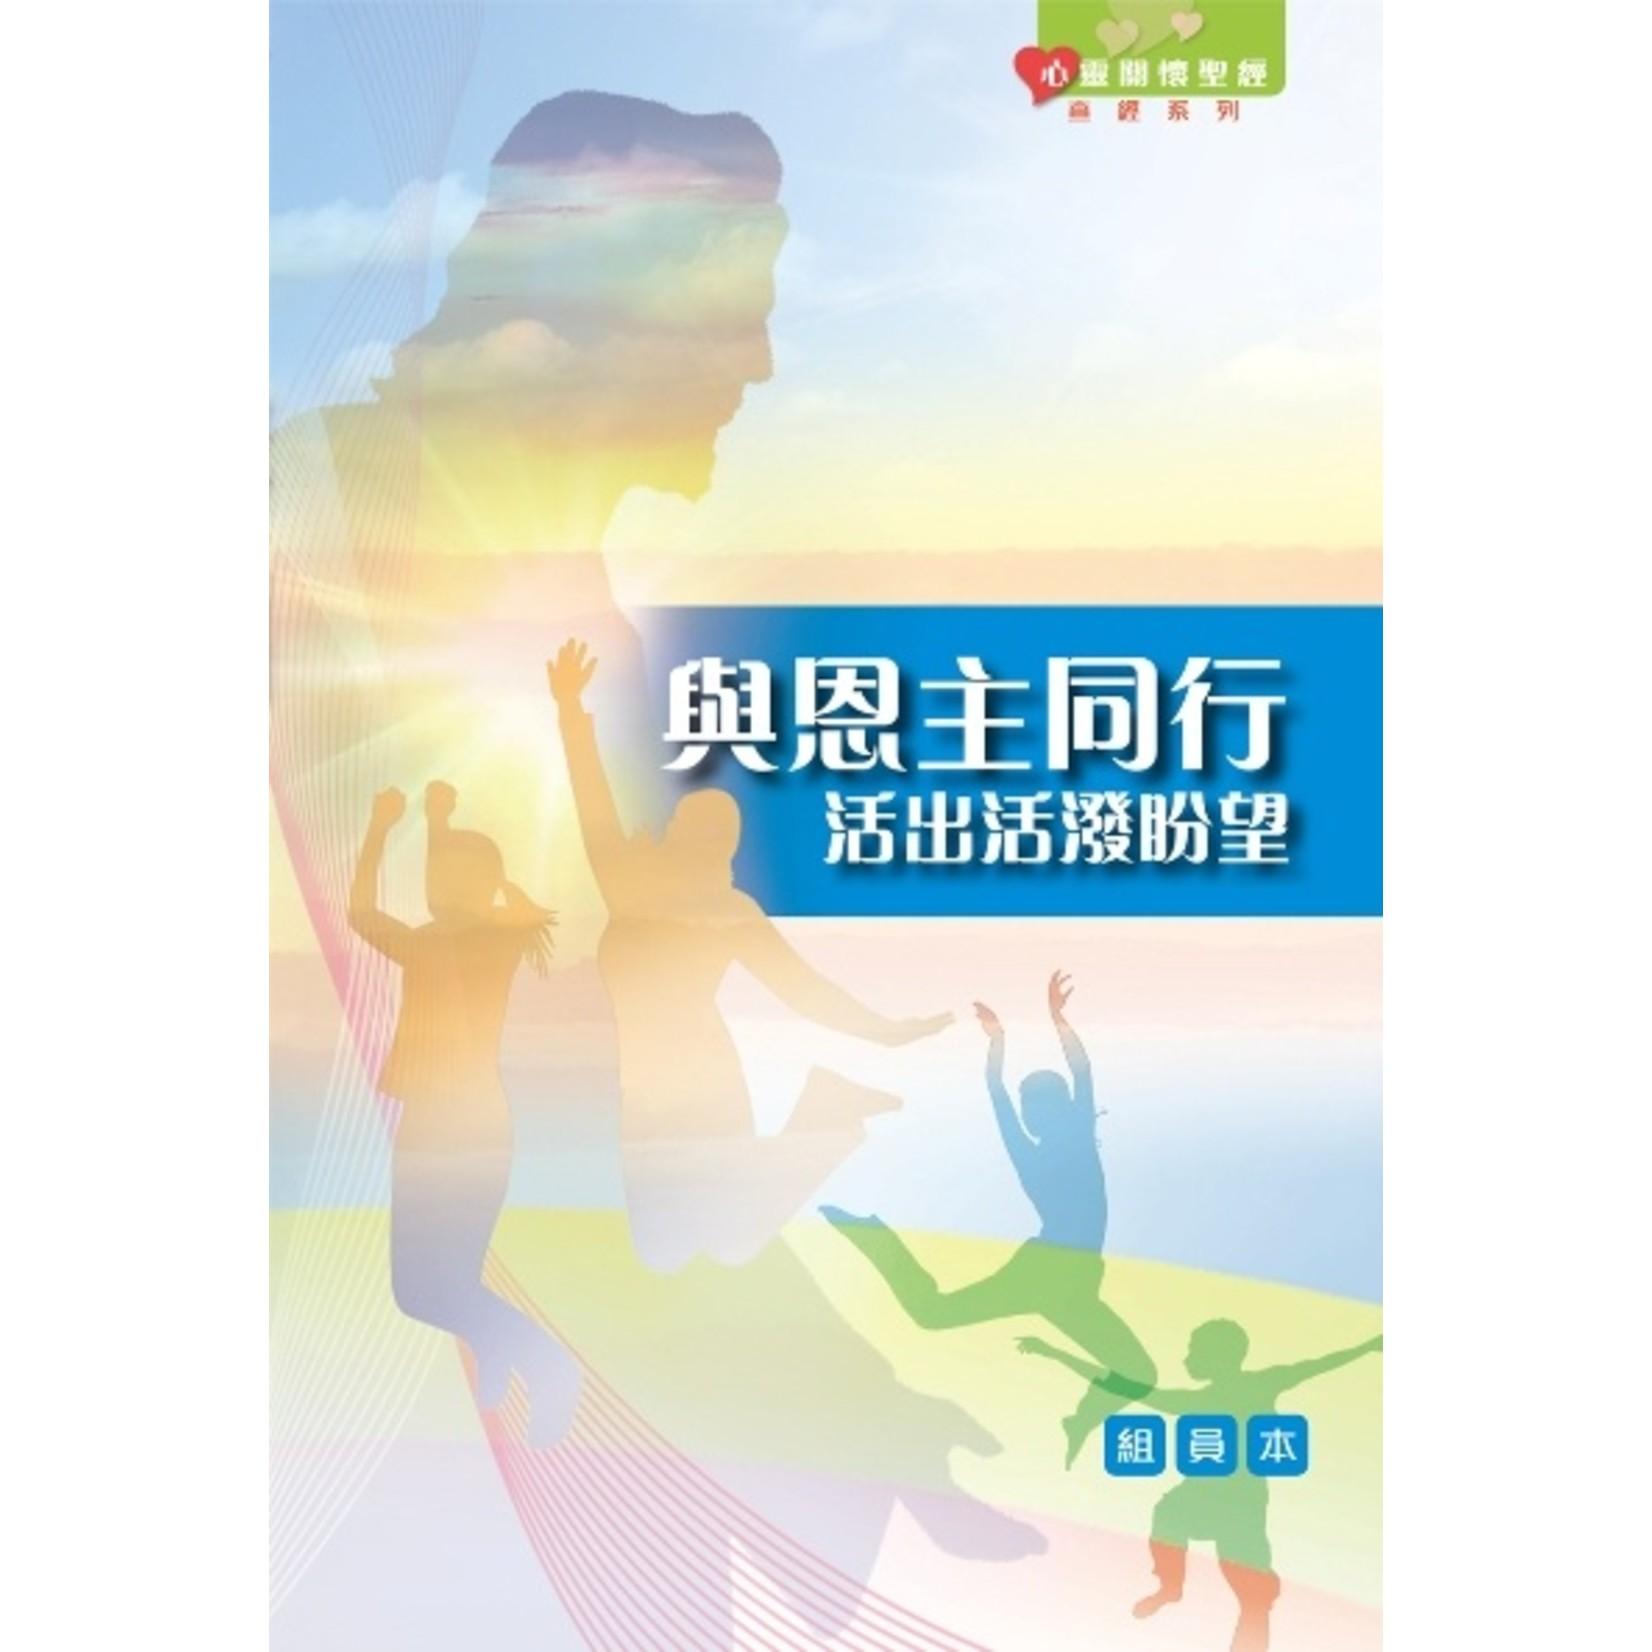 環球聖經公會 The Worldwide Bible Society 與恩主同行:活出活潑盼望(組員本)(繁體)